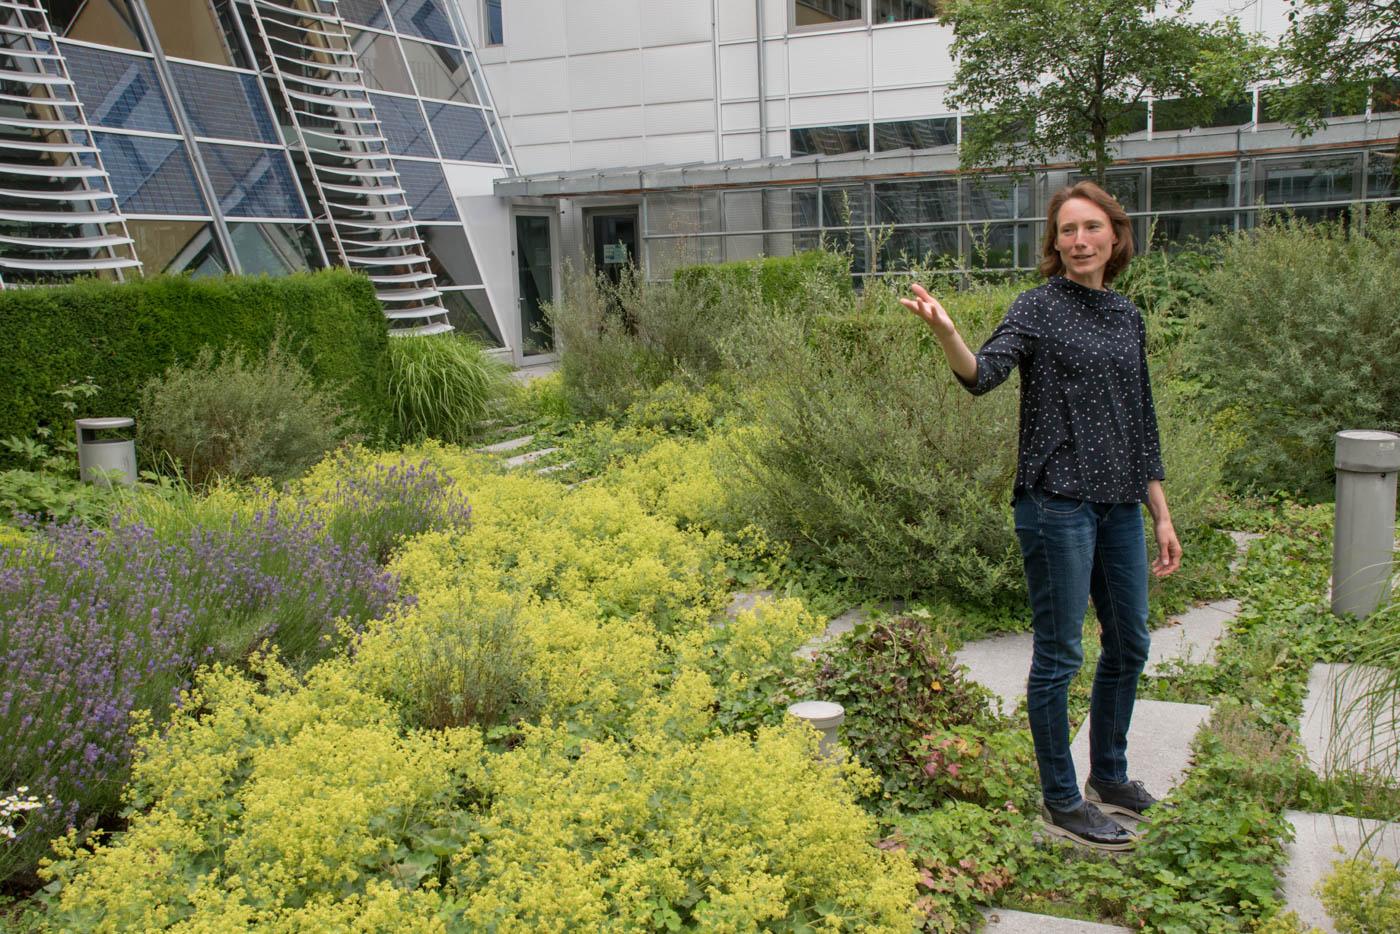 Frau Weidlich weist den Weg durch den Garten